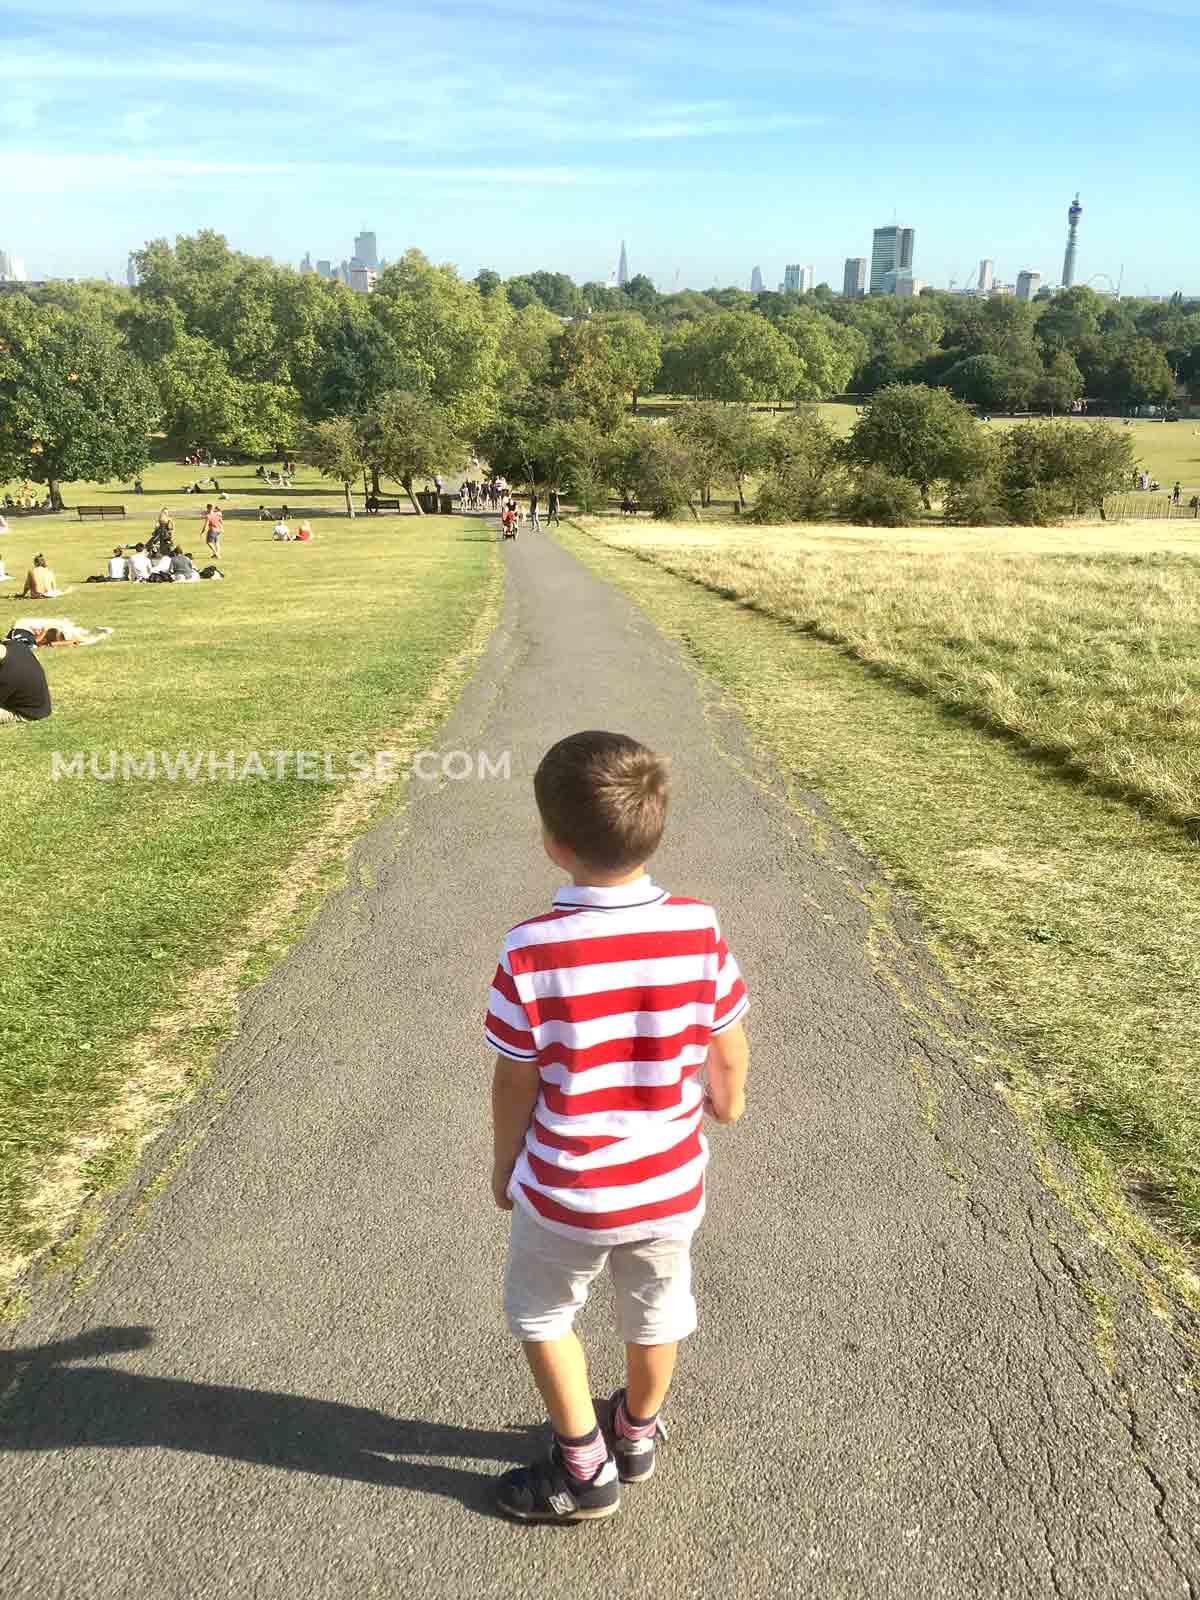 un bambino di spalle a Primrose Hill, la collina di Londra con vista sullo skyline